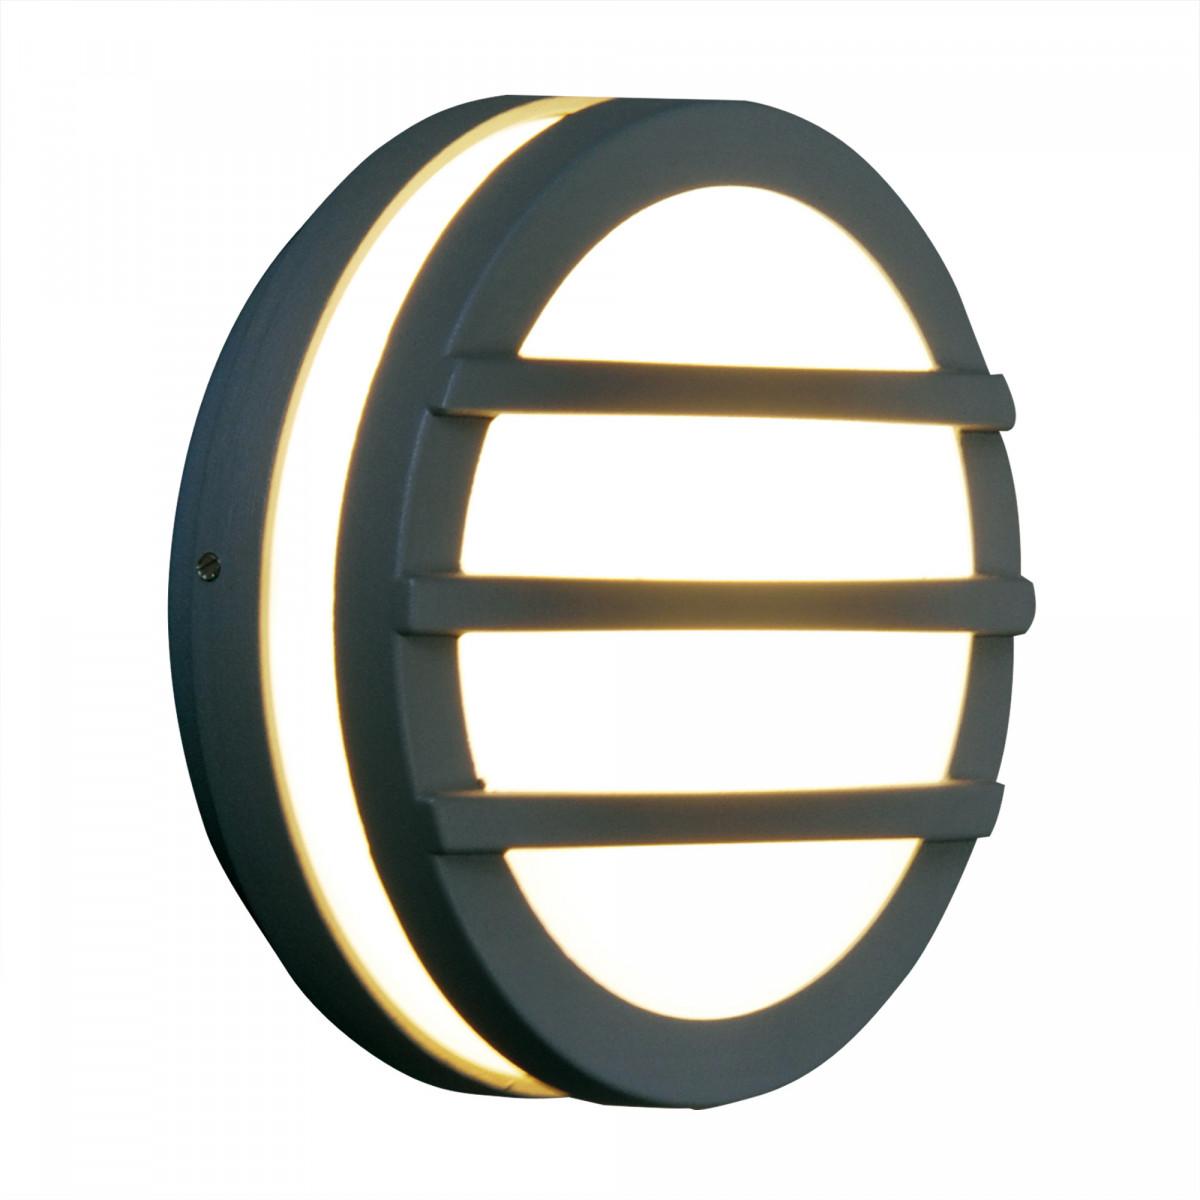 Buitenlamp Vision 1